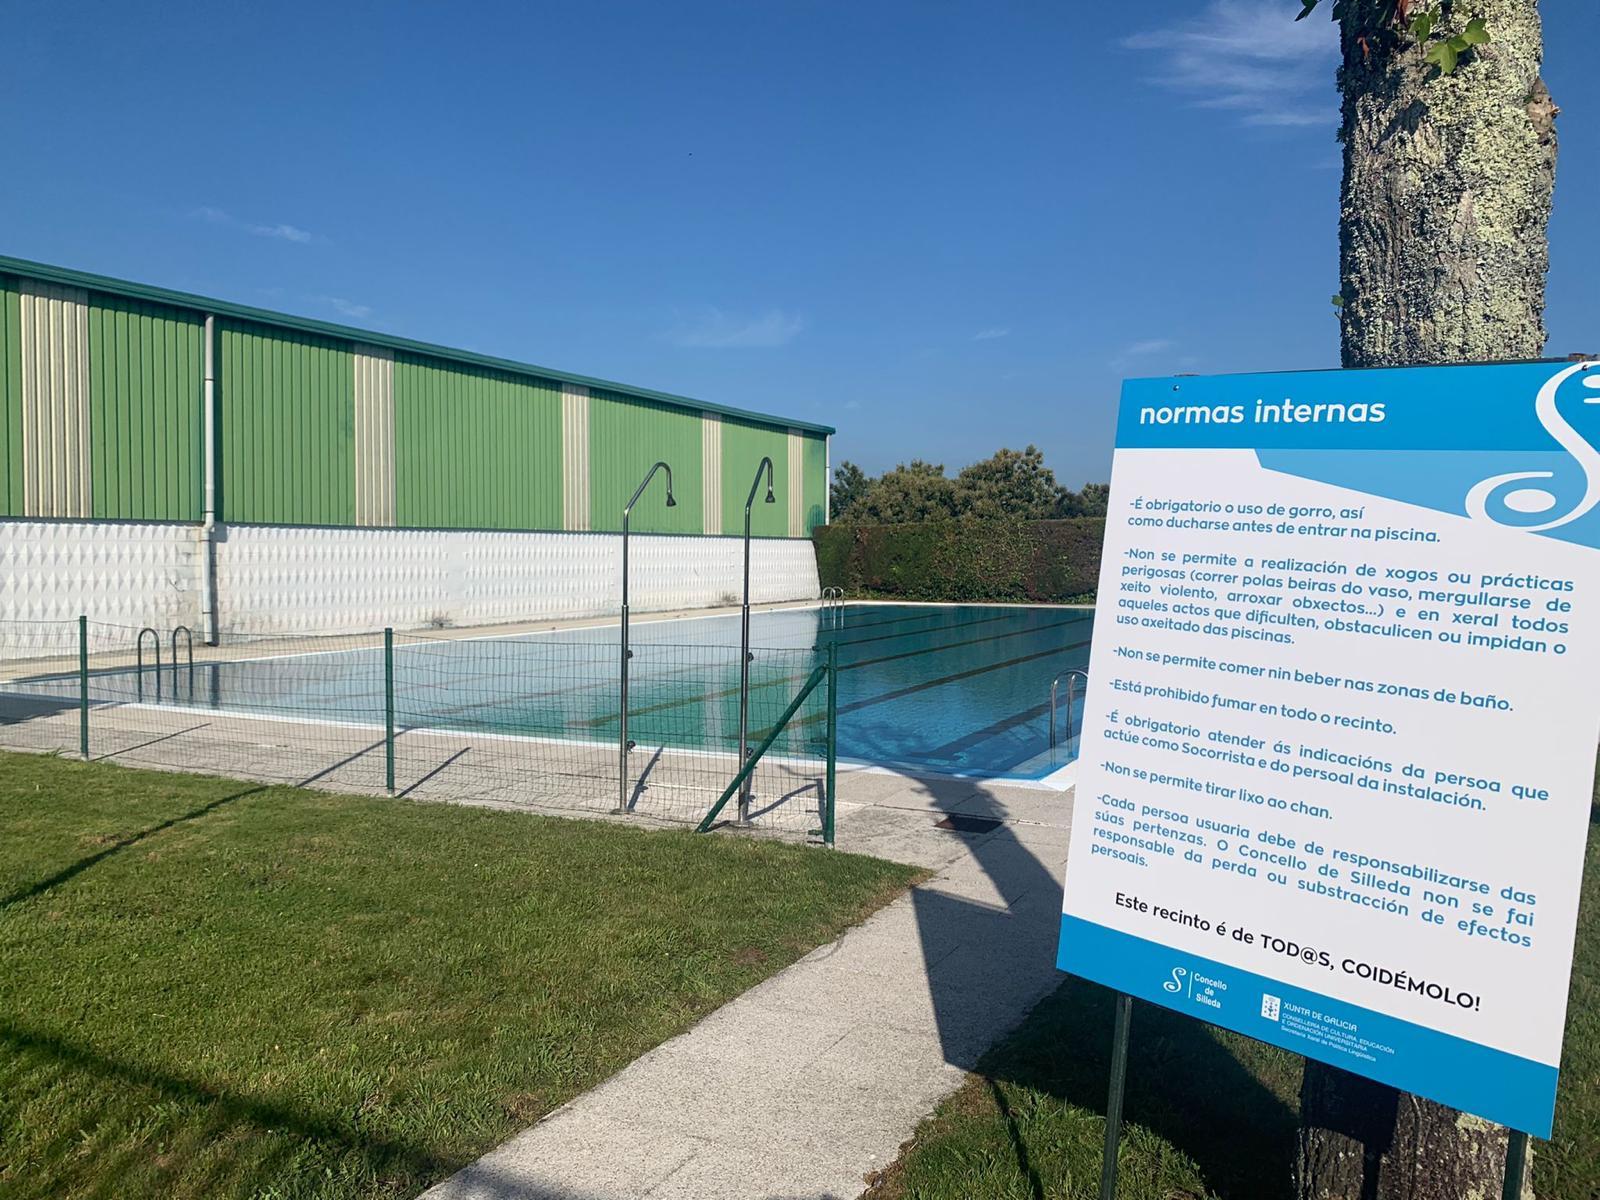 O Concello de Silleda abre mañá as piscinas municipais, con cursos de ximnasia na auga e natación para adultos como novidade